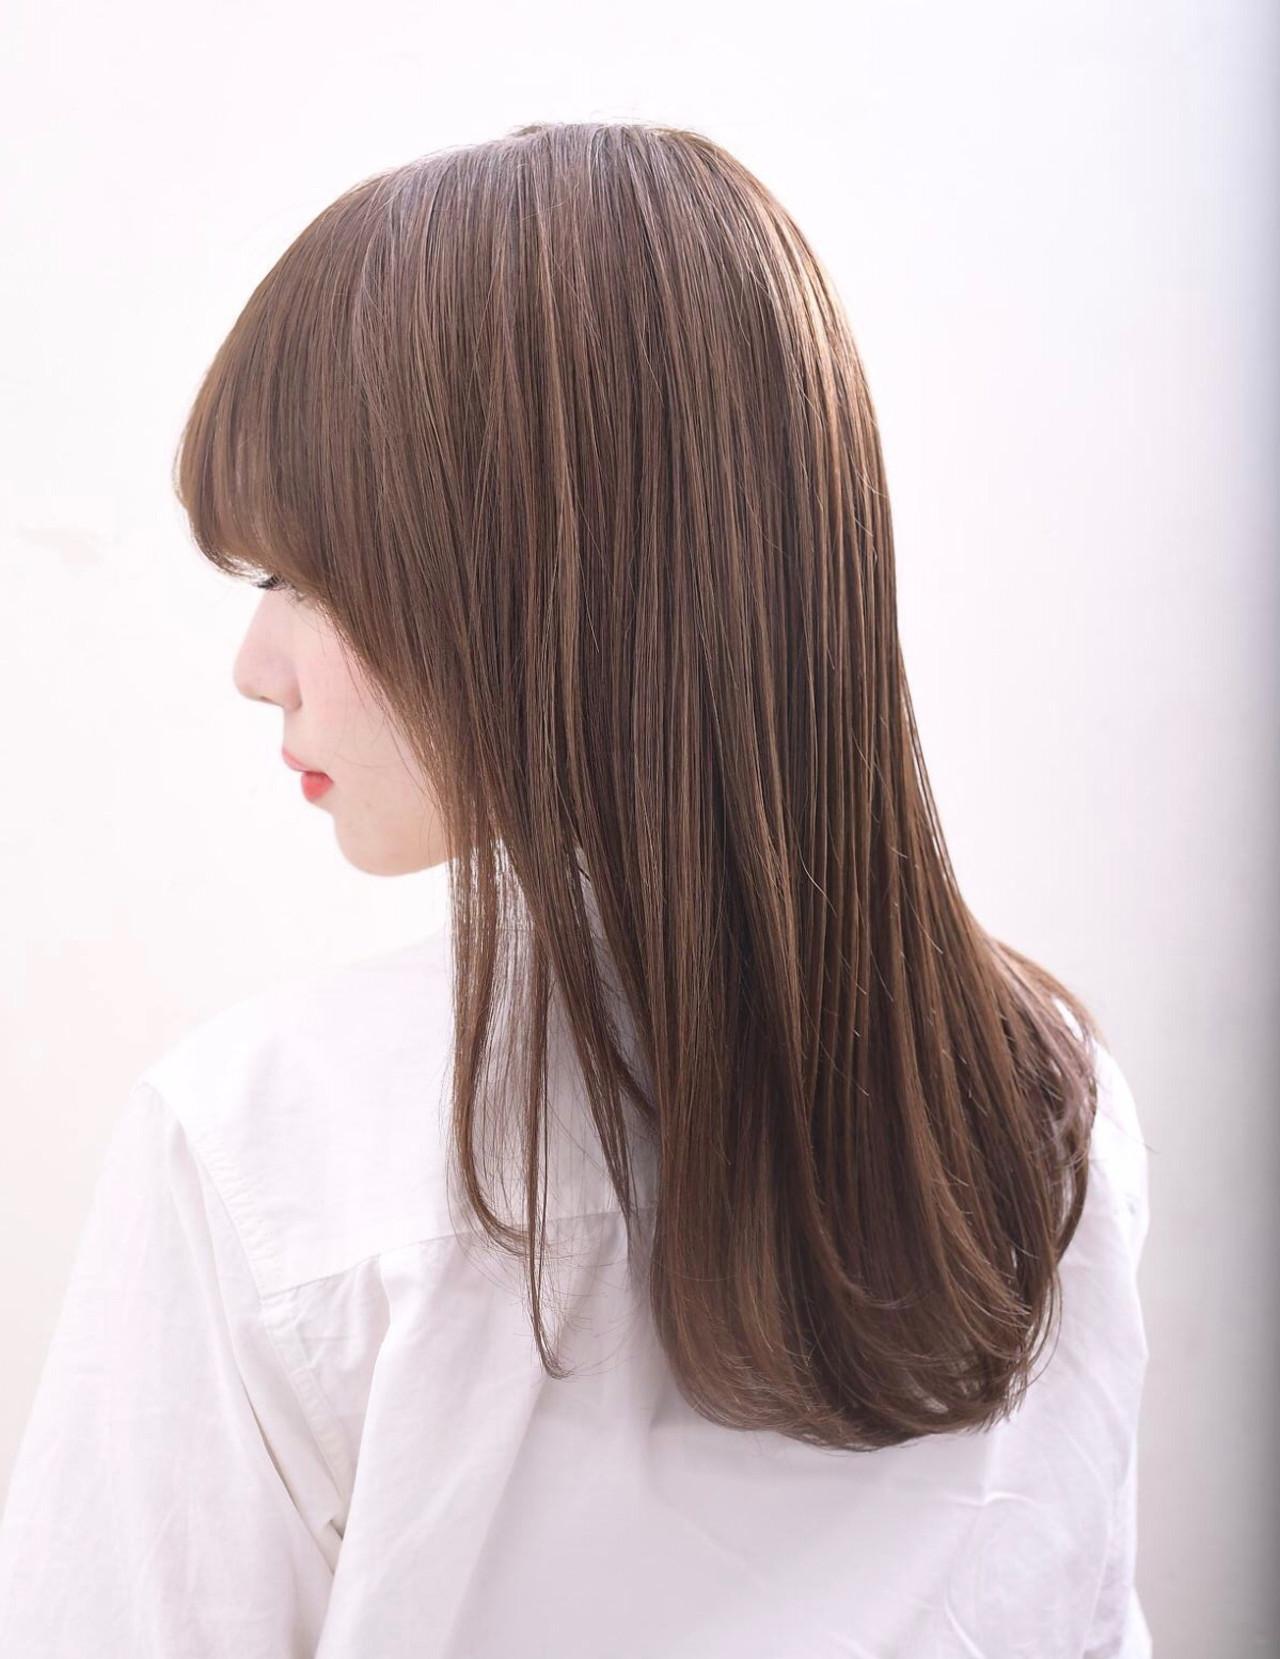 ロング ナチュラル グレージュ ナチュラル可愛い ヘアスタイルや髪型の写真・画像